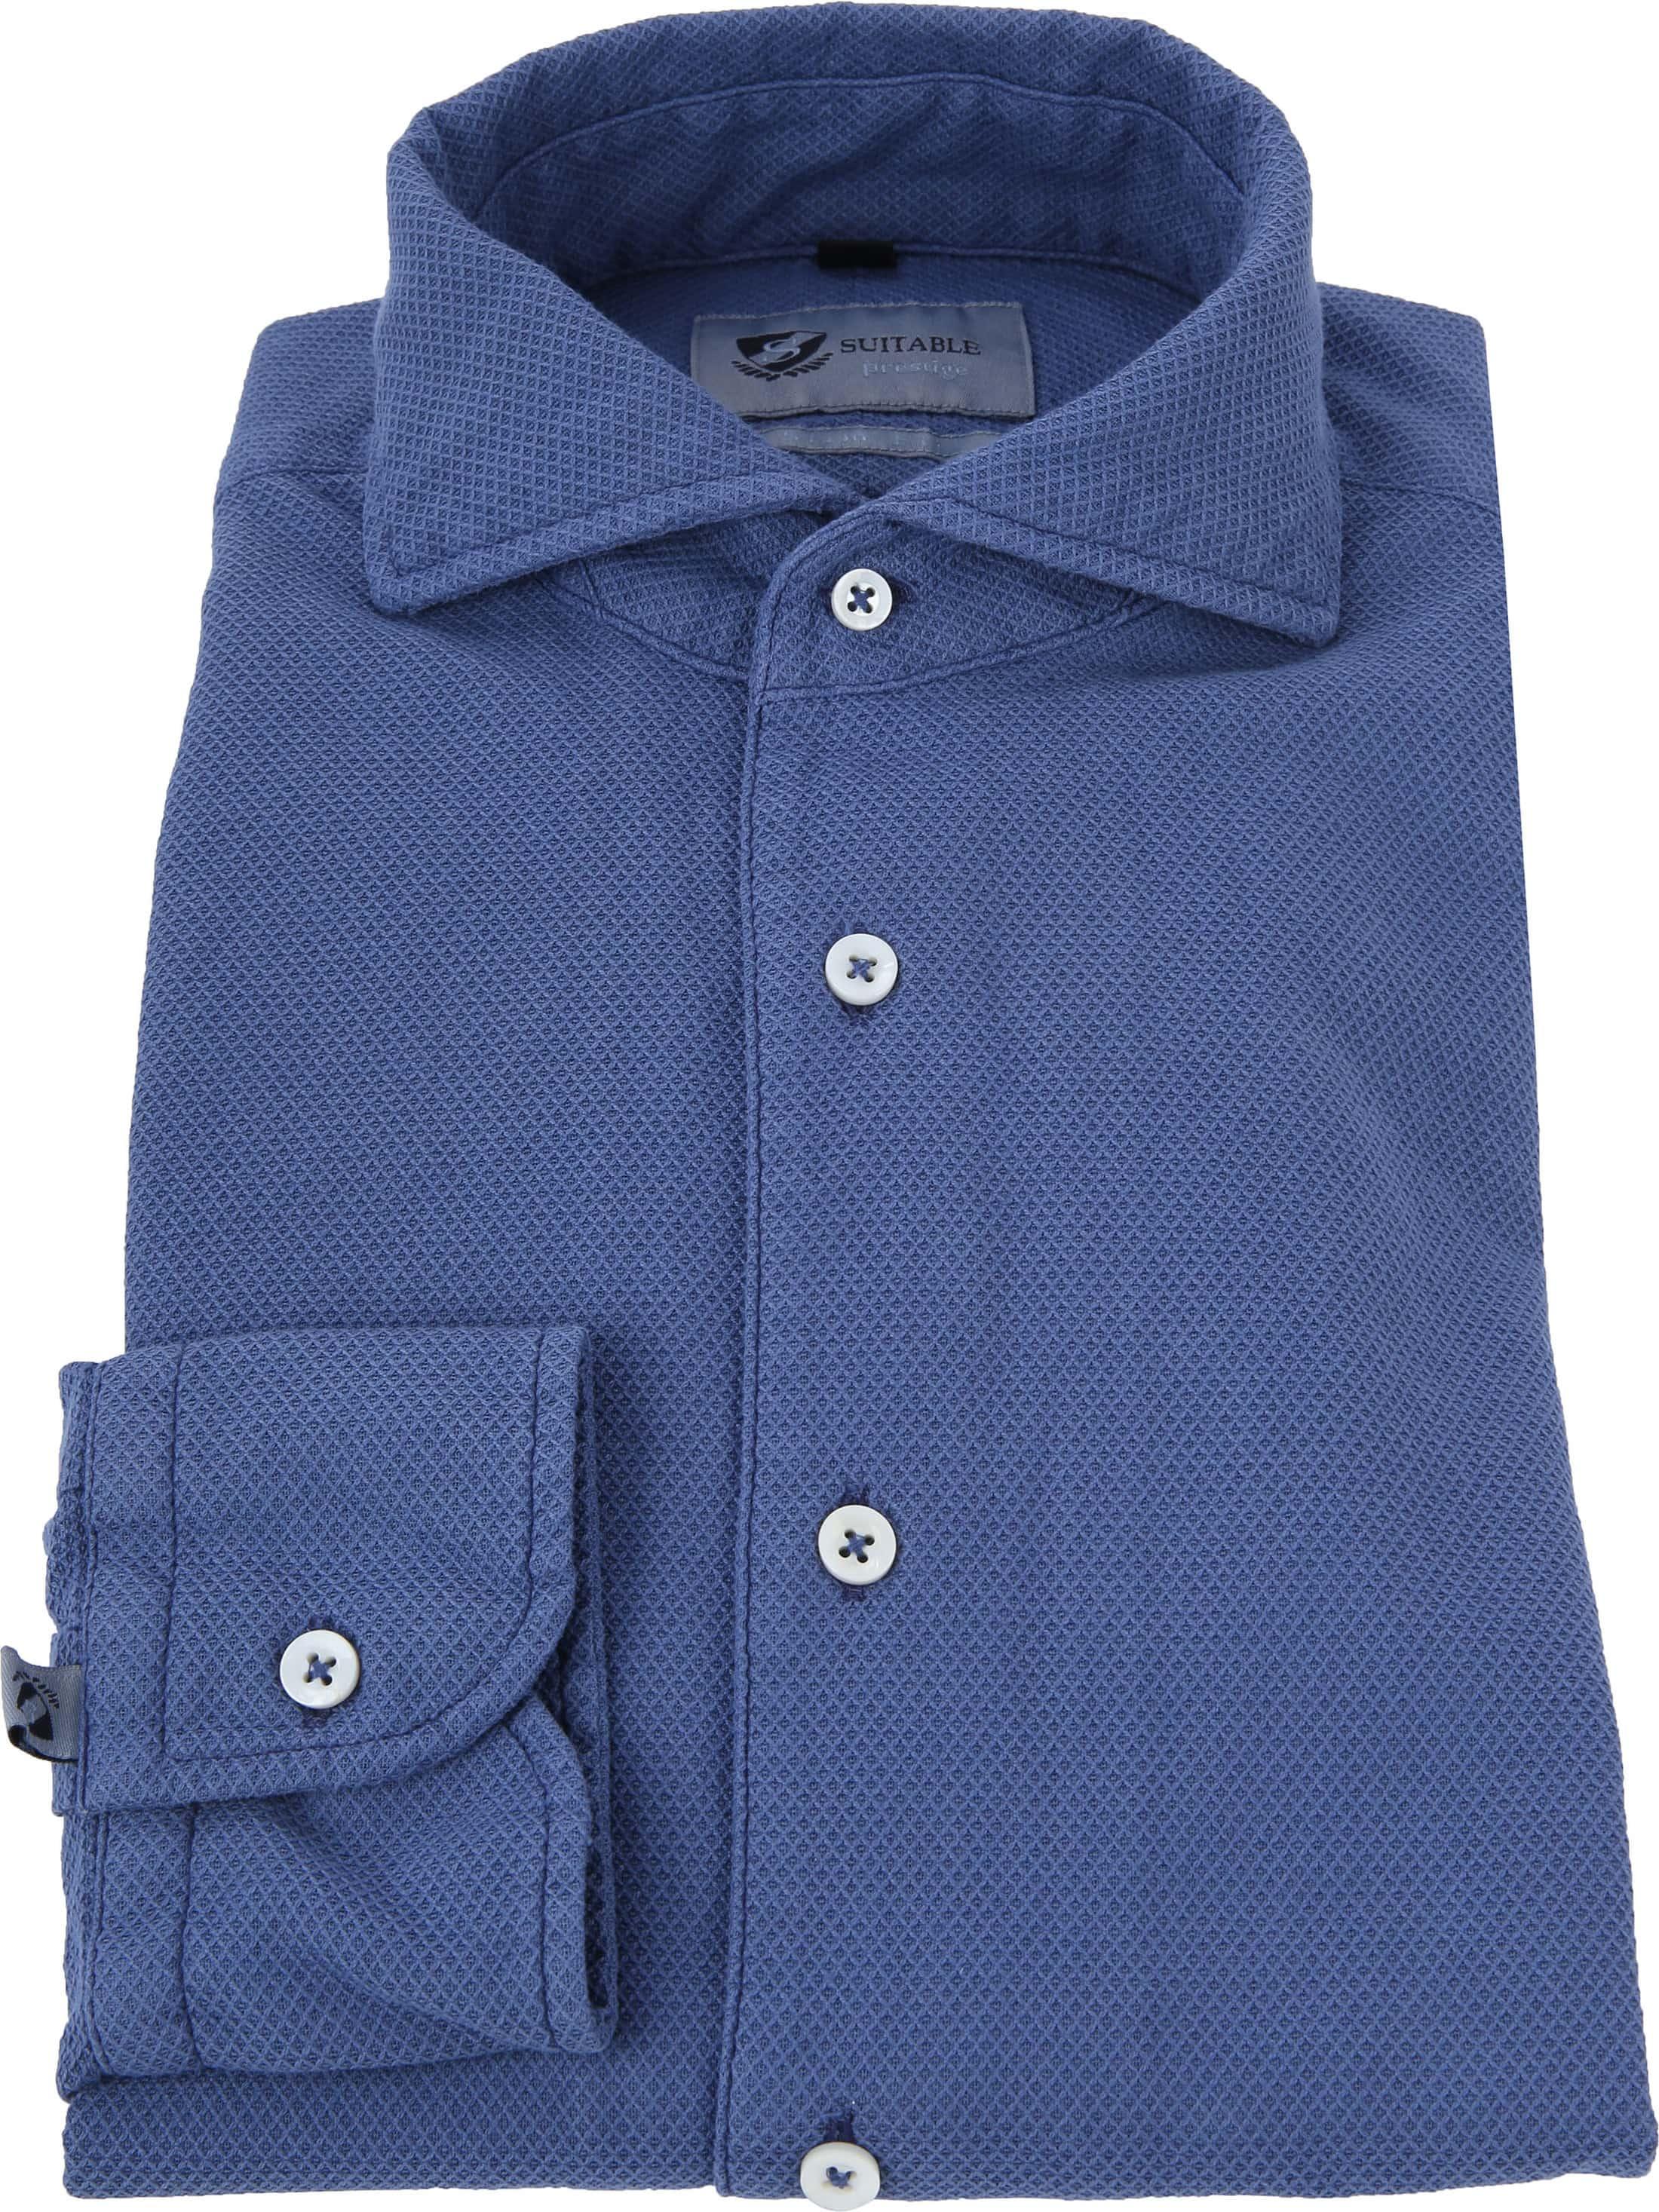 Suitable Prestige Overhemd Blauw foto 2